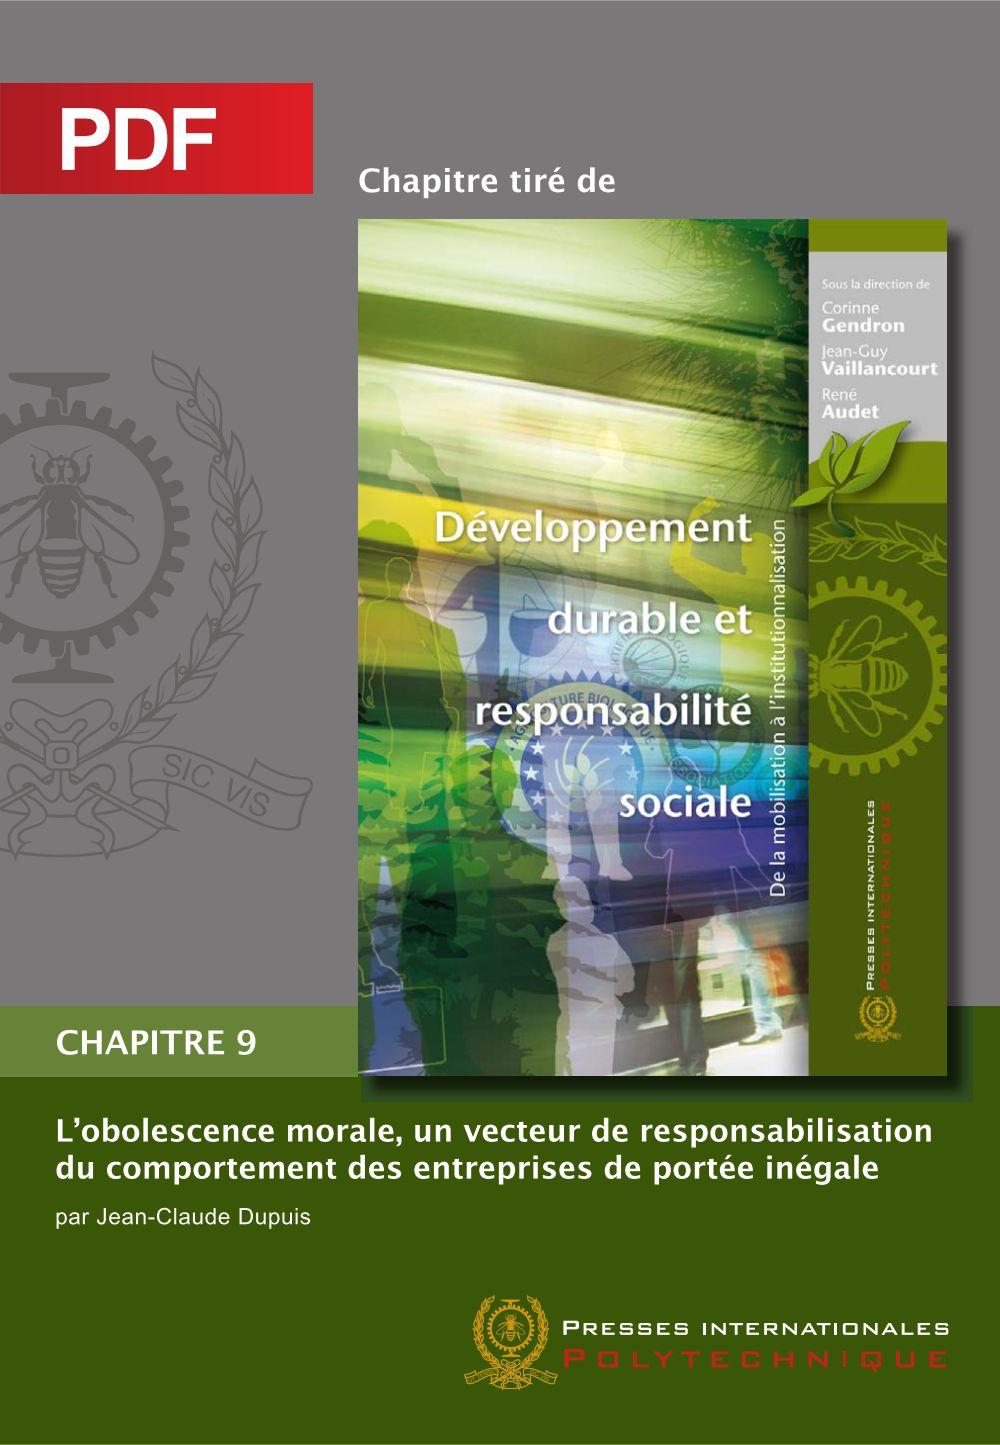 L'obsolence morale, un vecteur de responsabilisation du comportement des entreprises de portée inégale (Chapitre PDF)